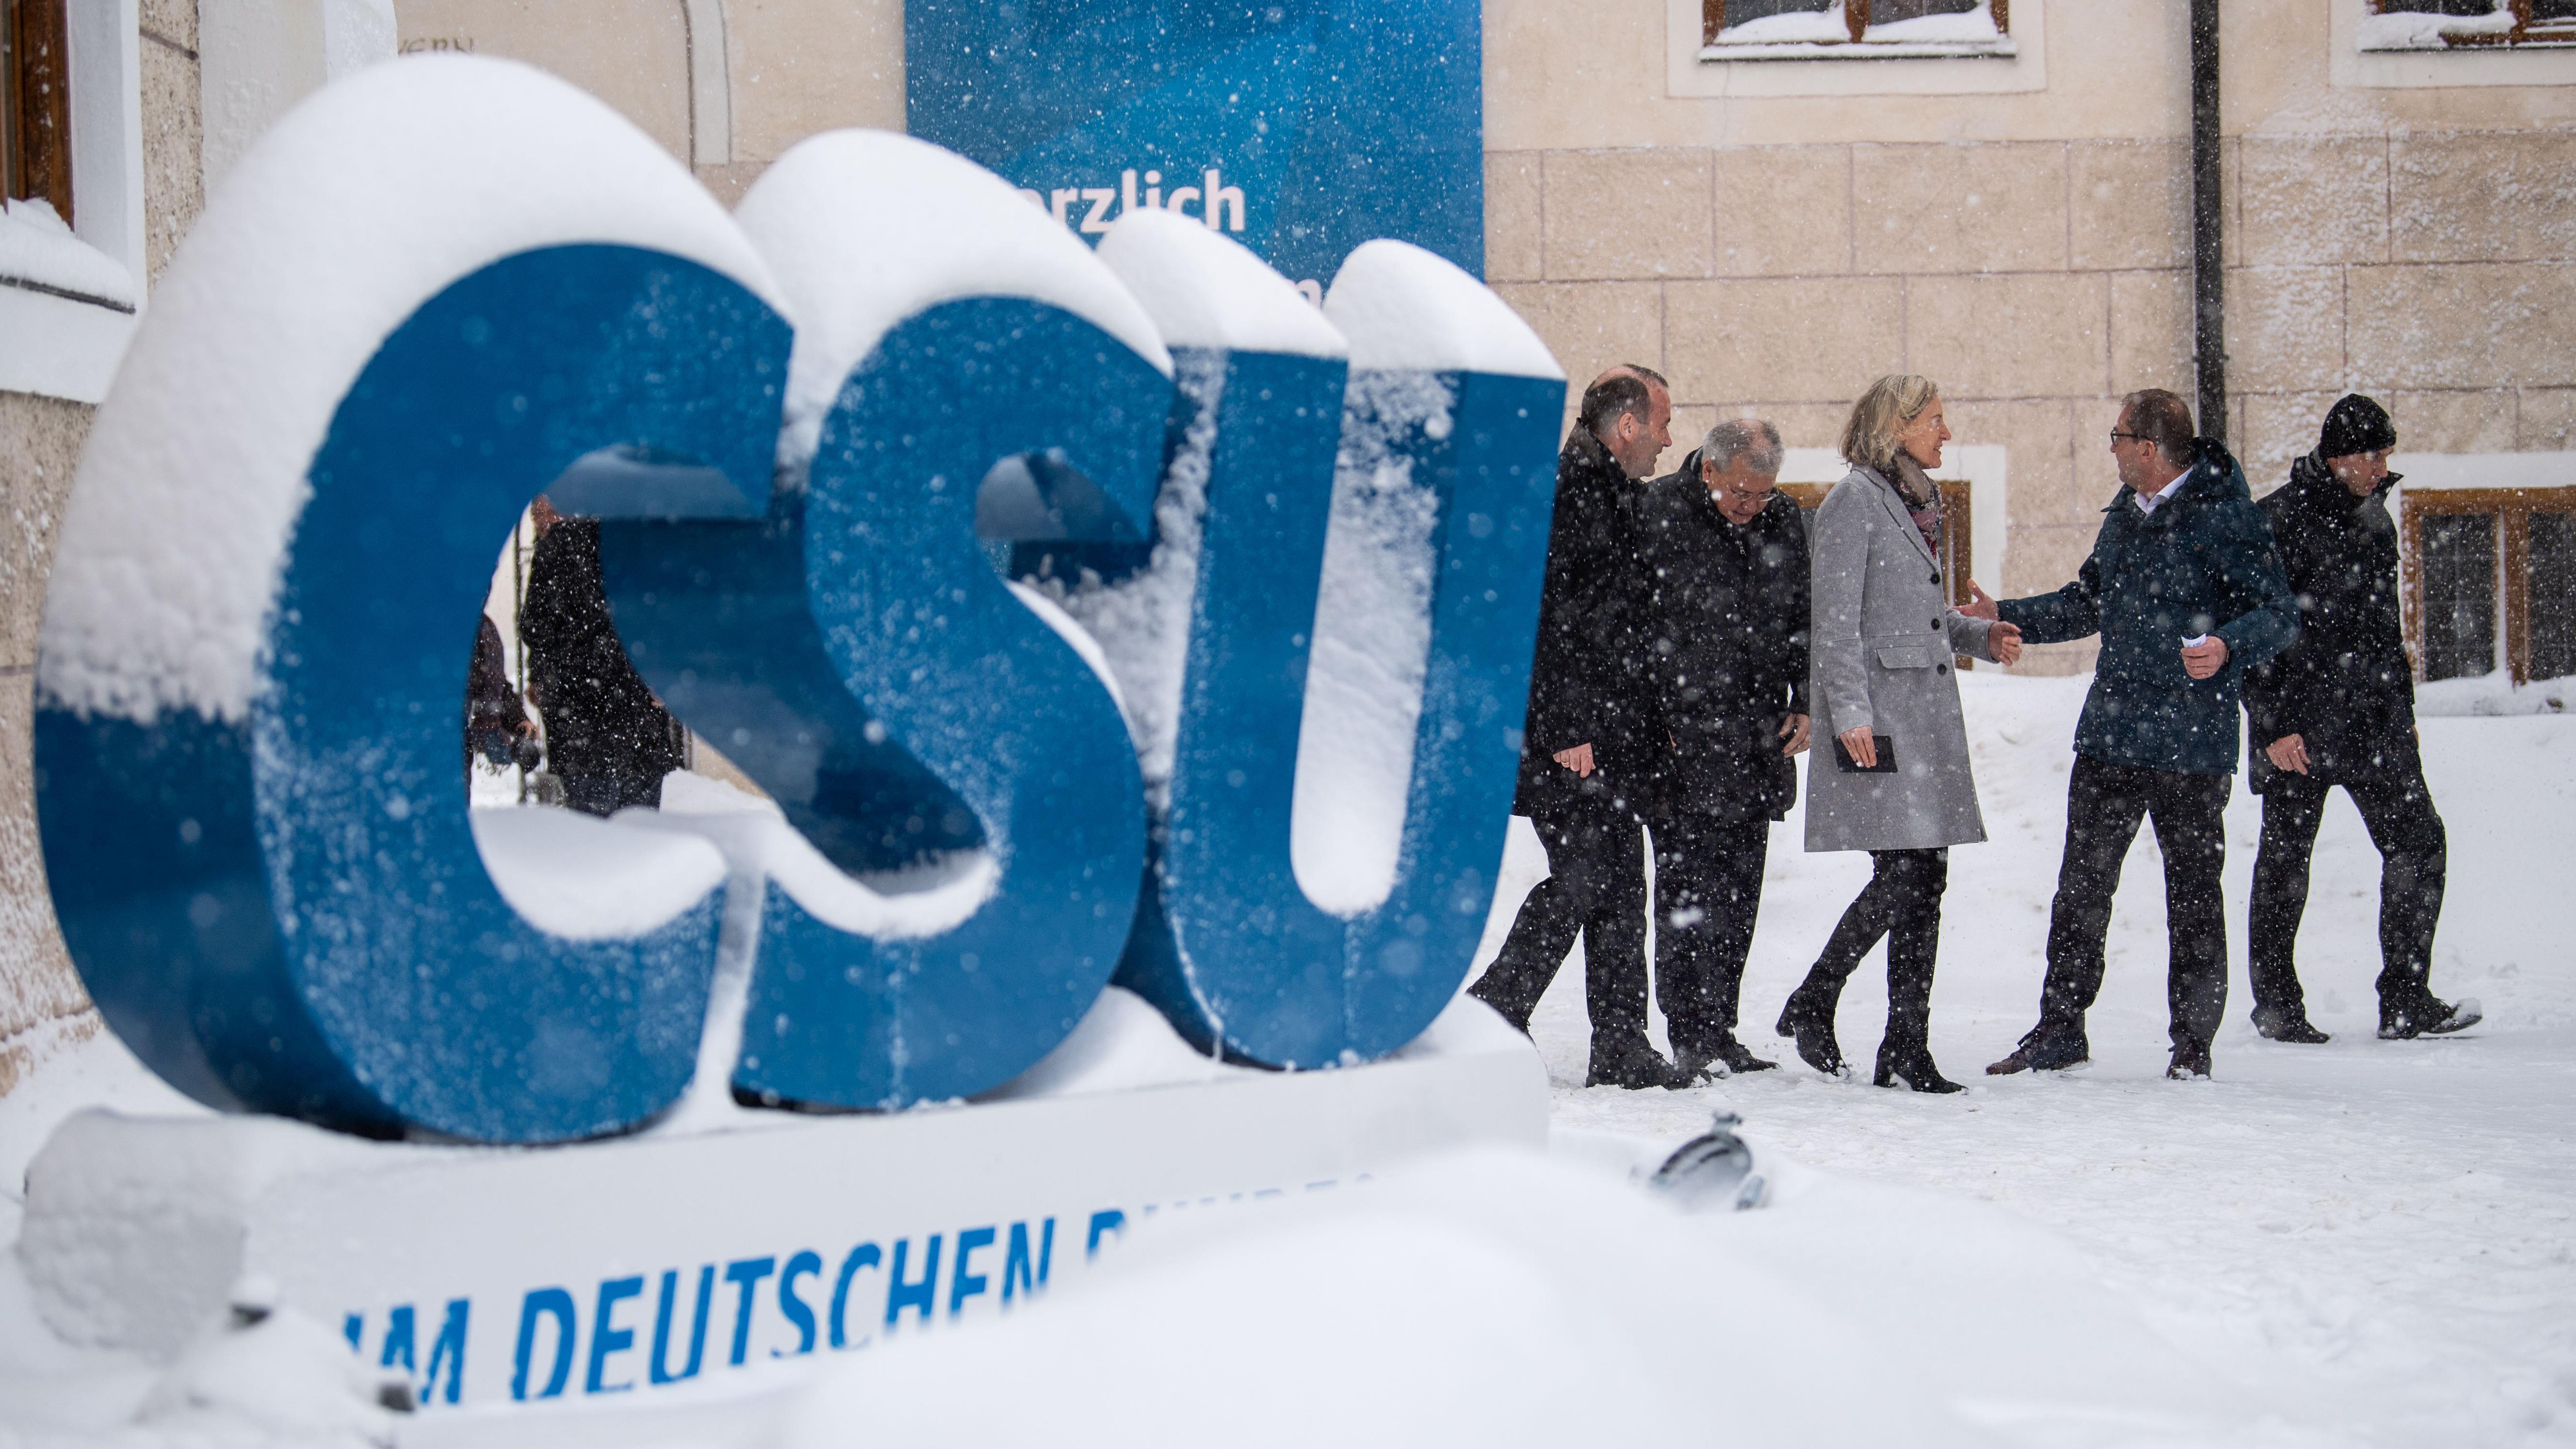 Landesgruppenchef, Manfred Weber (CSU)(l.), Fraktionsvorsitzender der Europäischen Volkspartei (EVP), und Angelika Niebler (M), Vorsitzende der CSU-Europagruppe im Europäischen Parlament, gehen während der Winterklausur der CSU-Landesgruppe im Bundestag im Kloster Seeon im Schneetreiben zu einem Pressetermin.